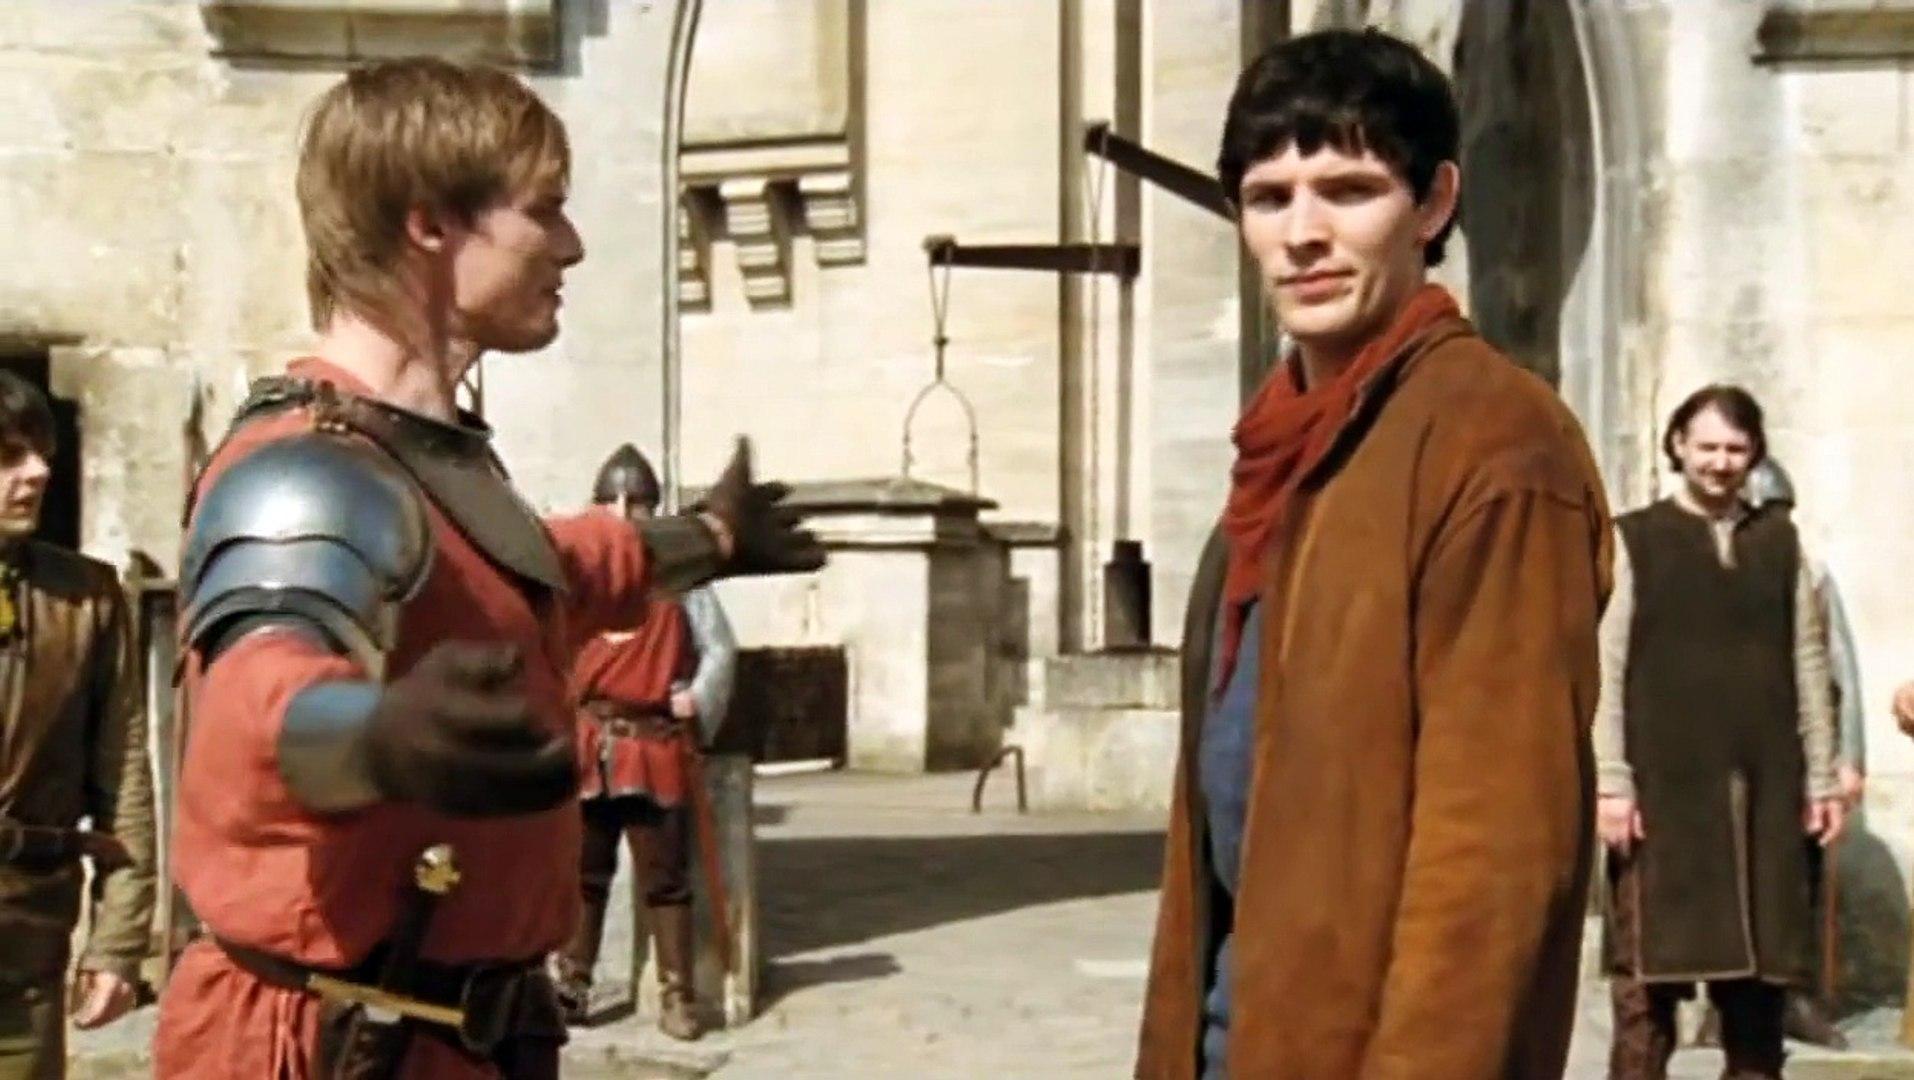 Merlin 2008 - S01E01